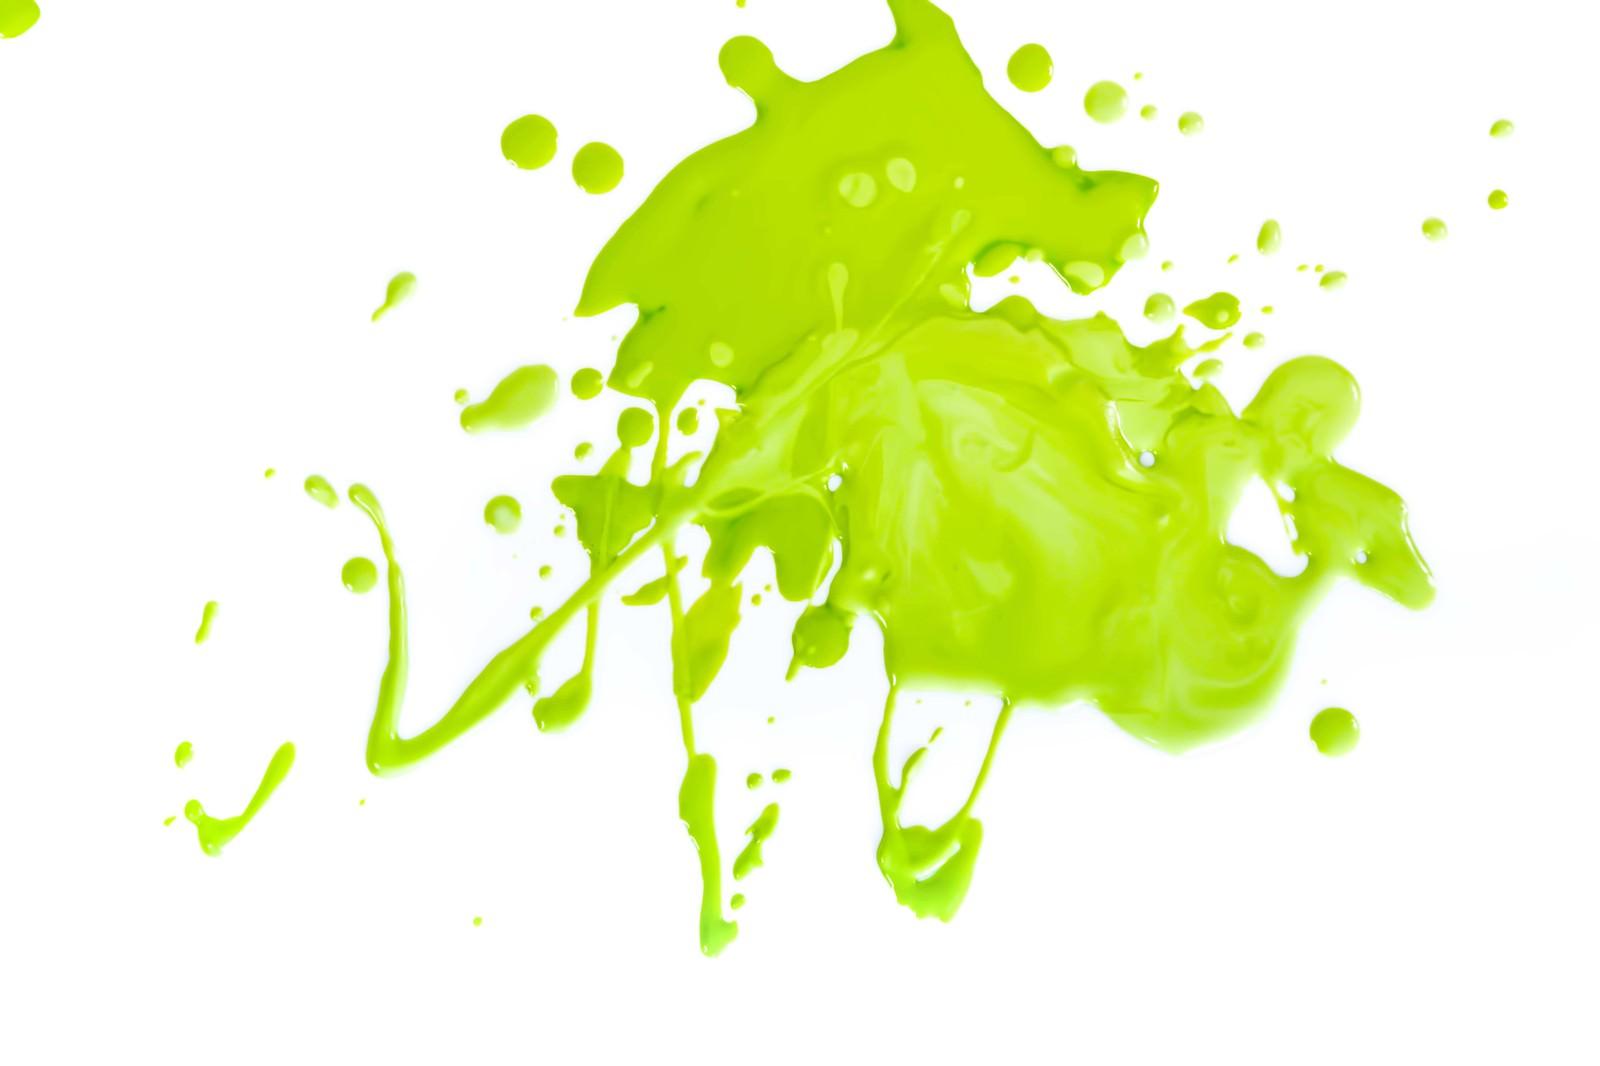 「ガチエリアに飛び散った緑色のペンキ」の写真